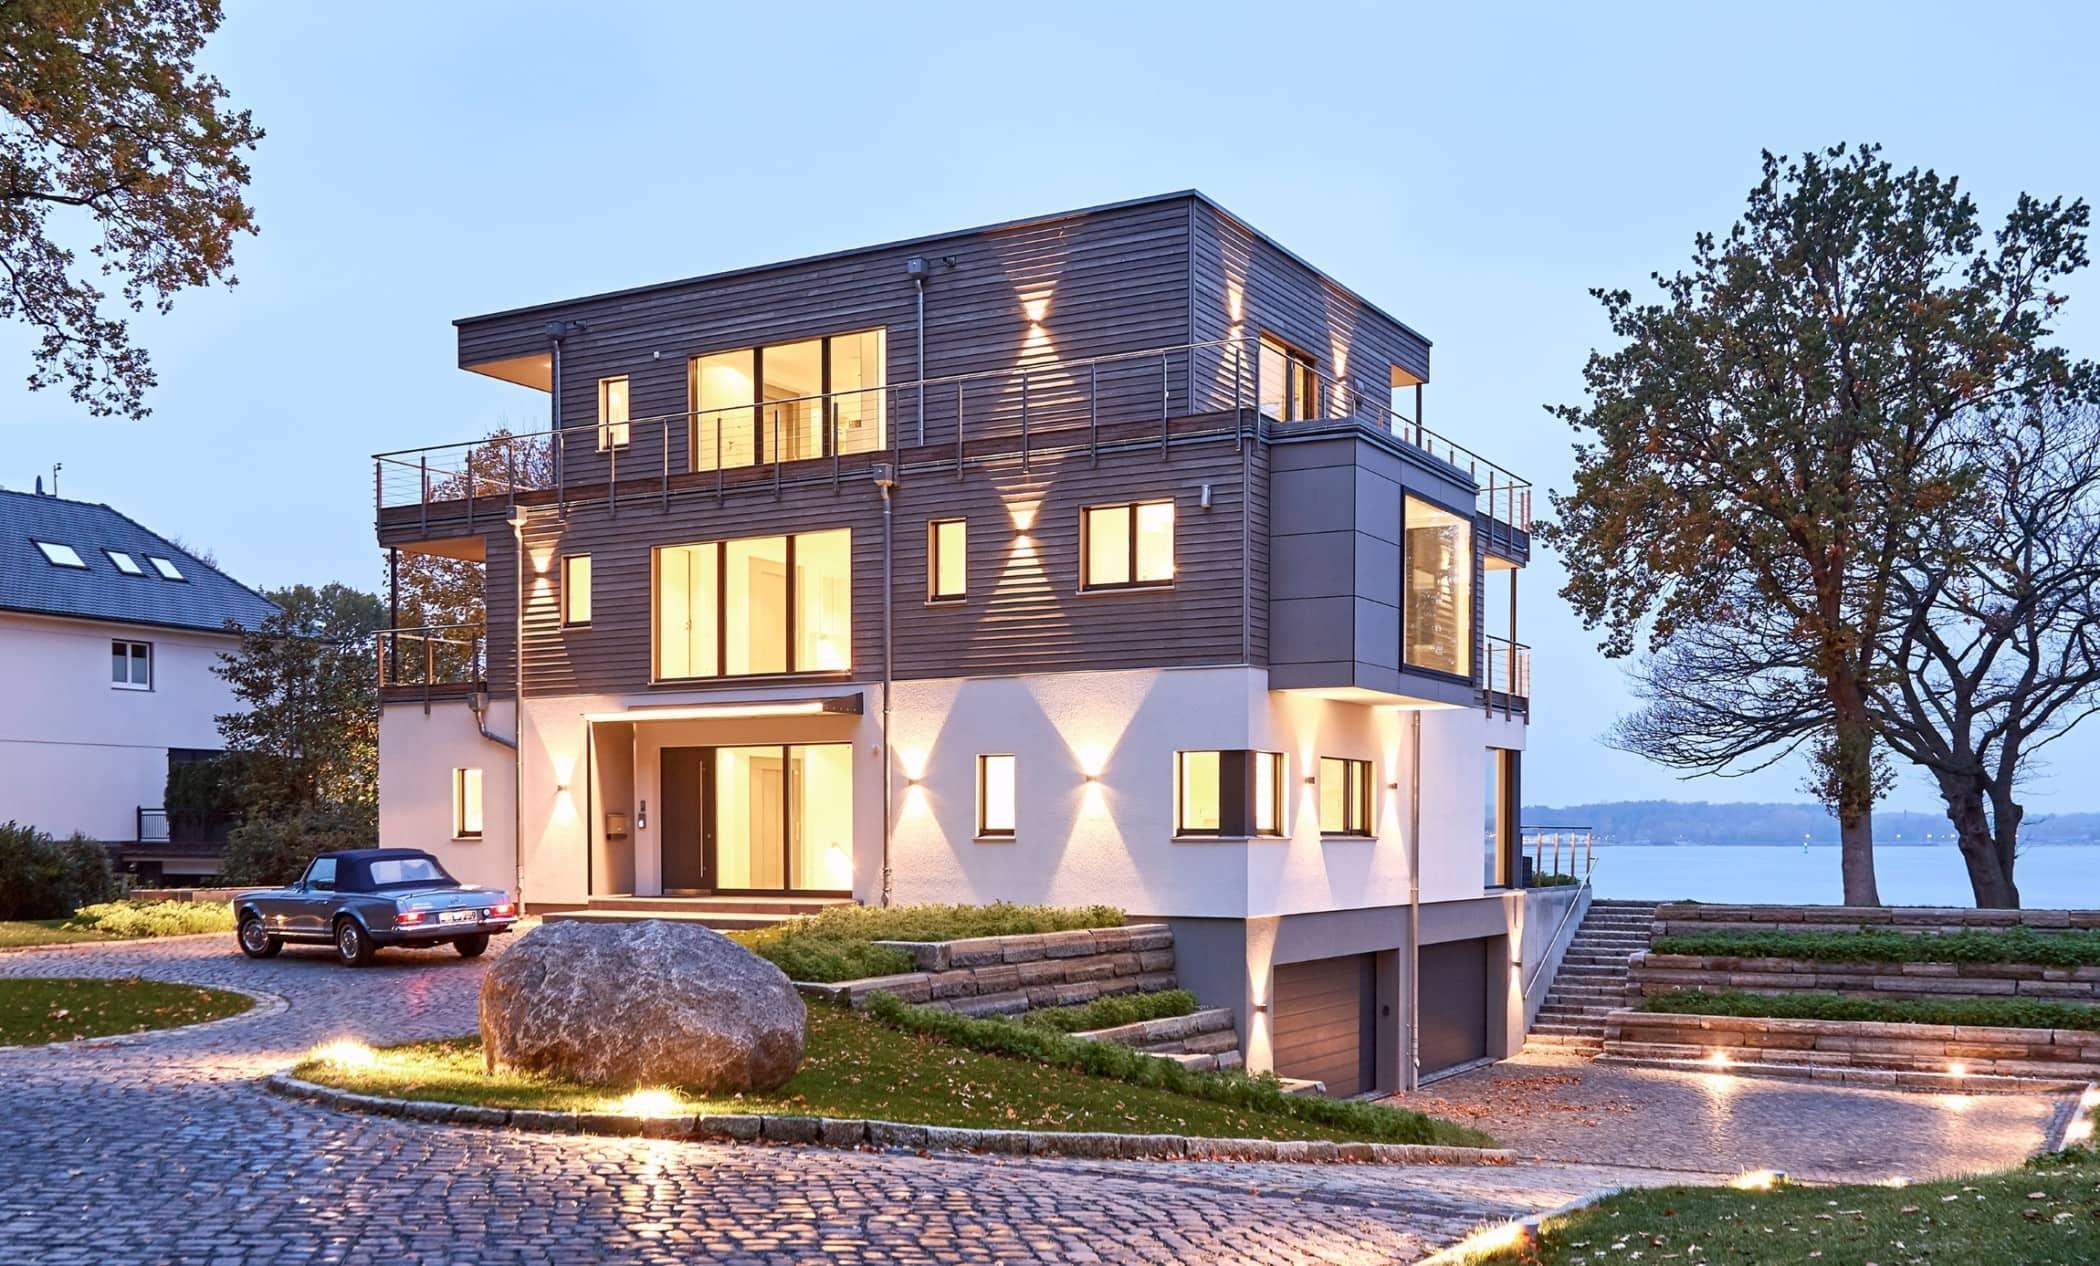 Fertighaus modern mit Holz Fassade & Flachdach Architektur im Bauhausstil - Haus bauen Ideen BAUFRITZ Architektenhaus MEHRBLICK - HausbauDirekt.de